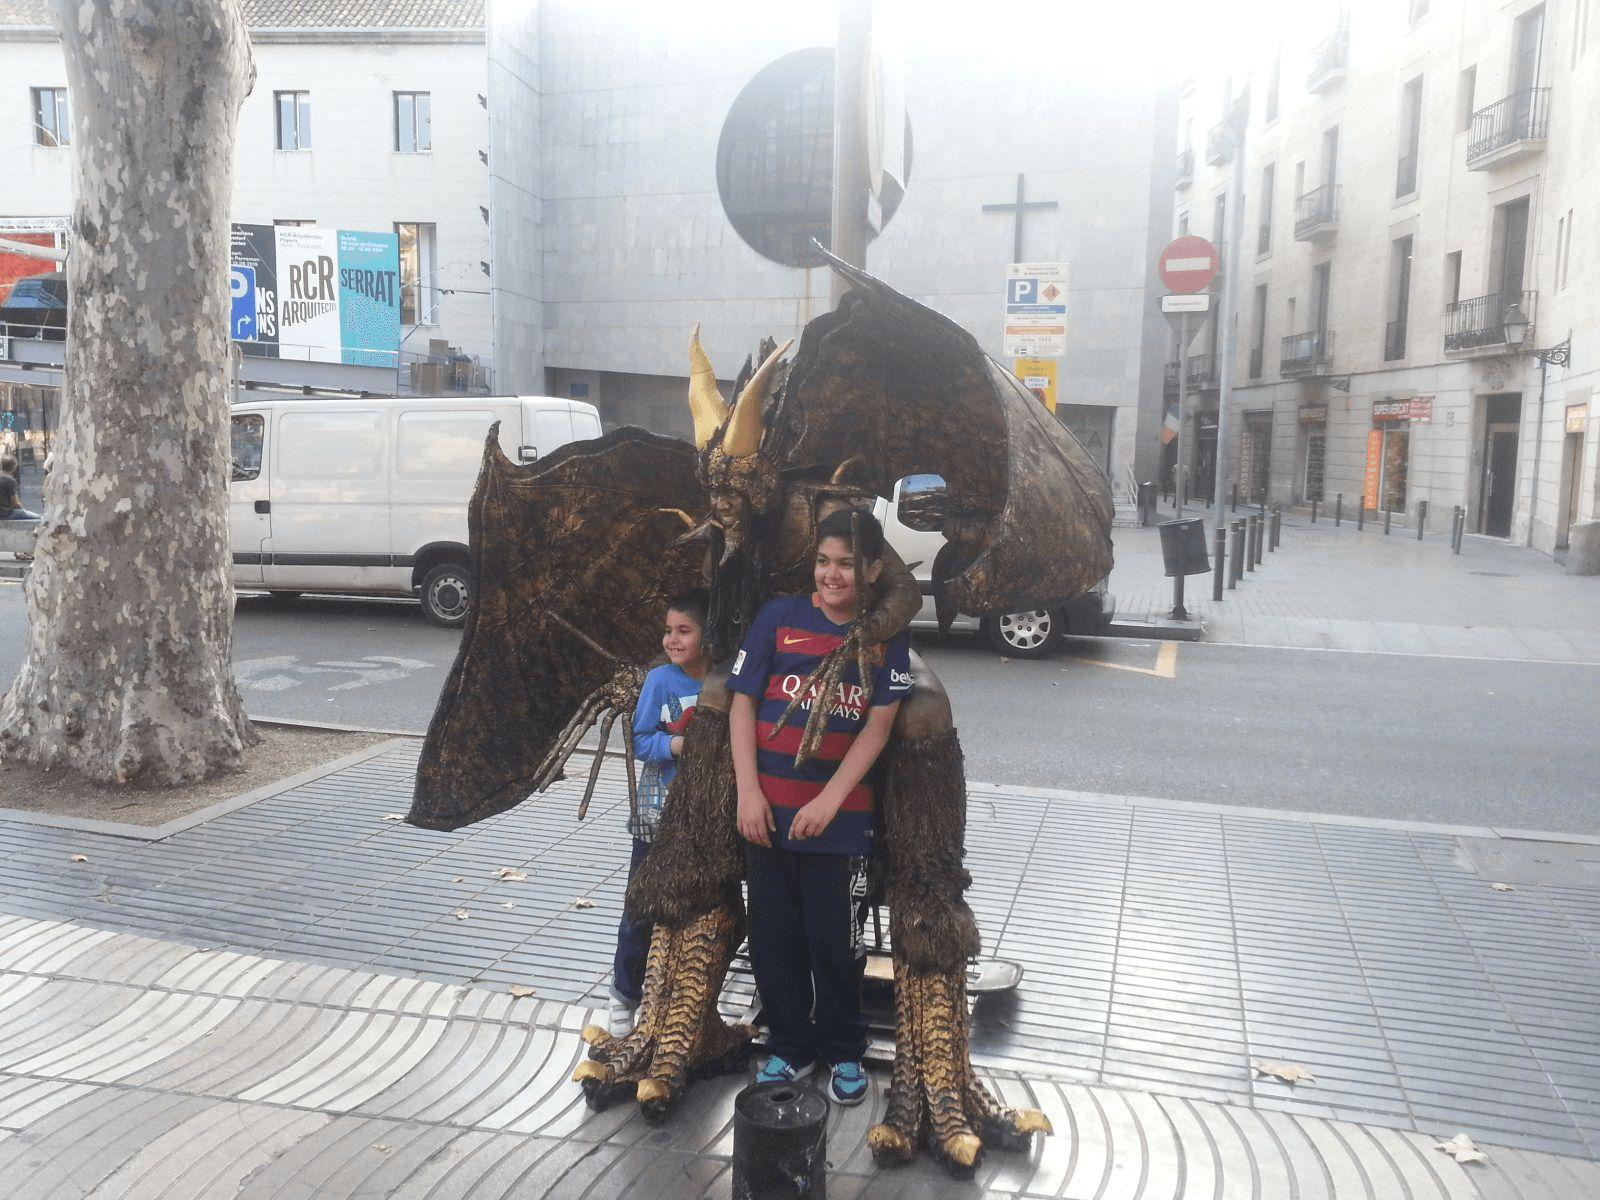 Španjolska i Gardaland: Barcelona: La Rabla